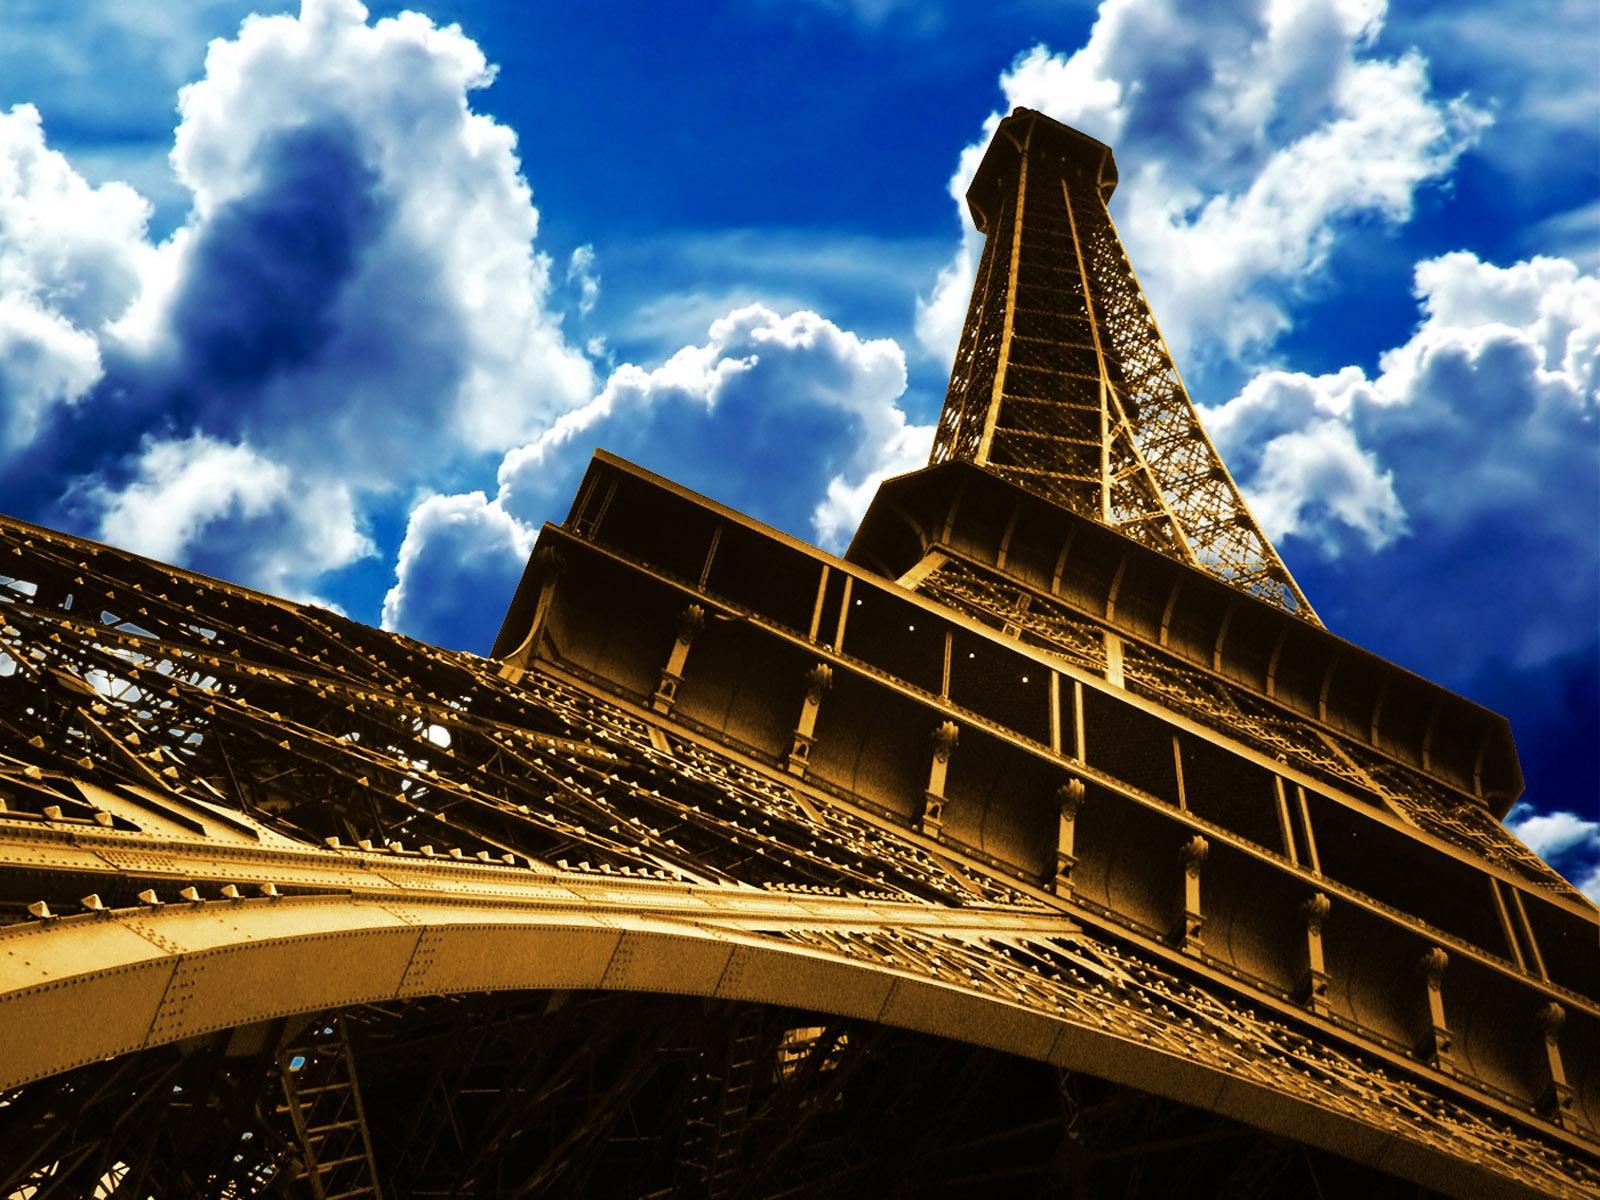 La fe de Eiffel (hijo dilecto de Dijon) movió -literalmente- montañas de acero...